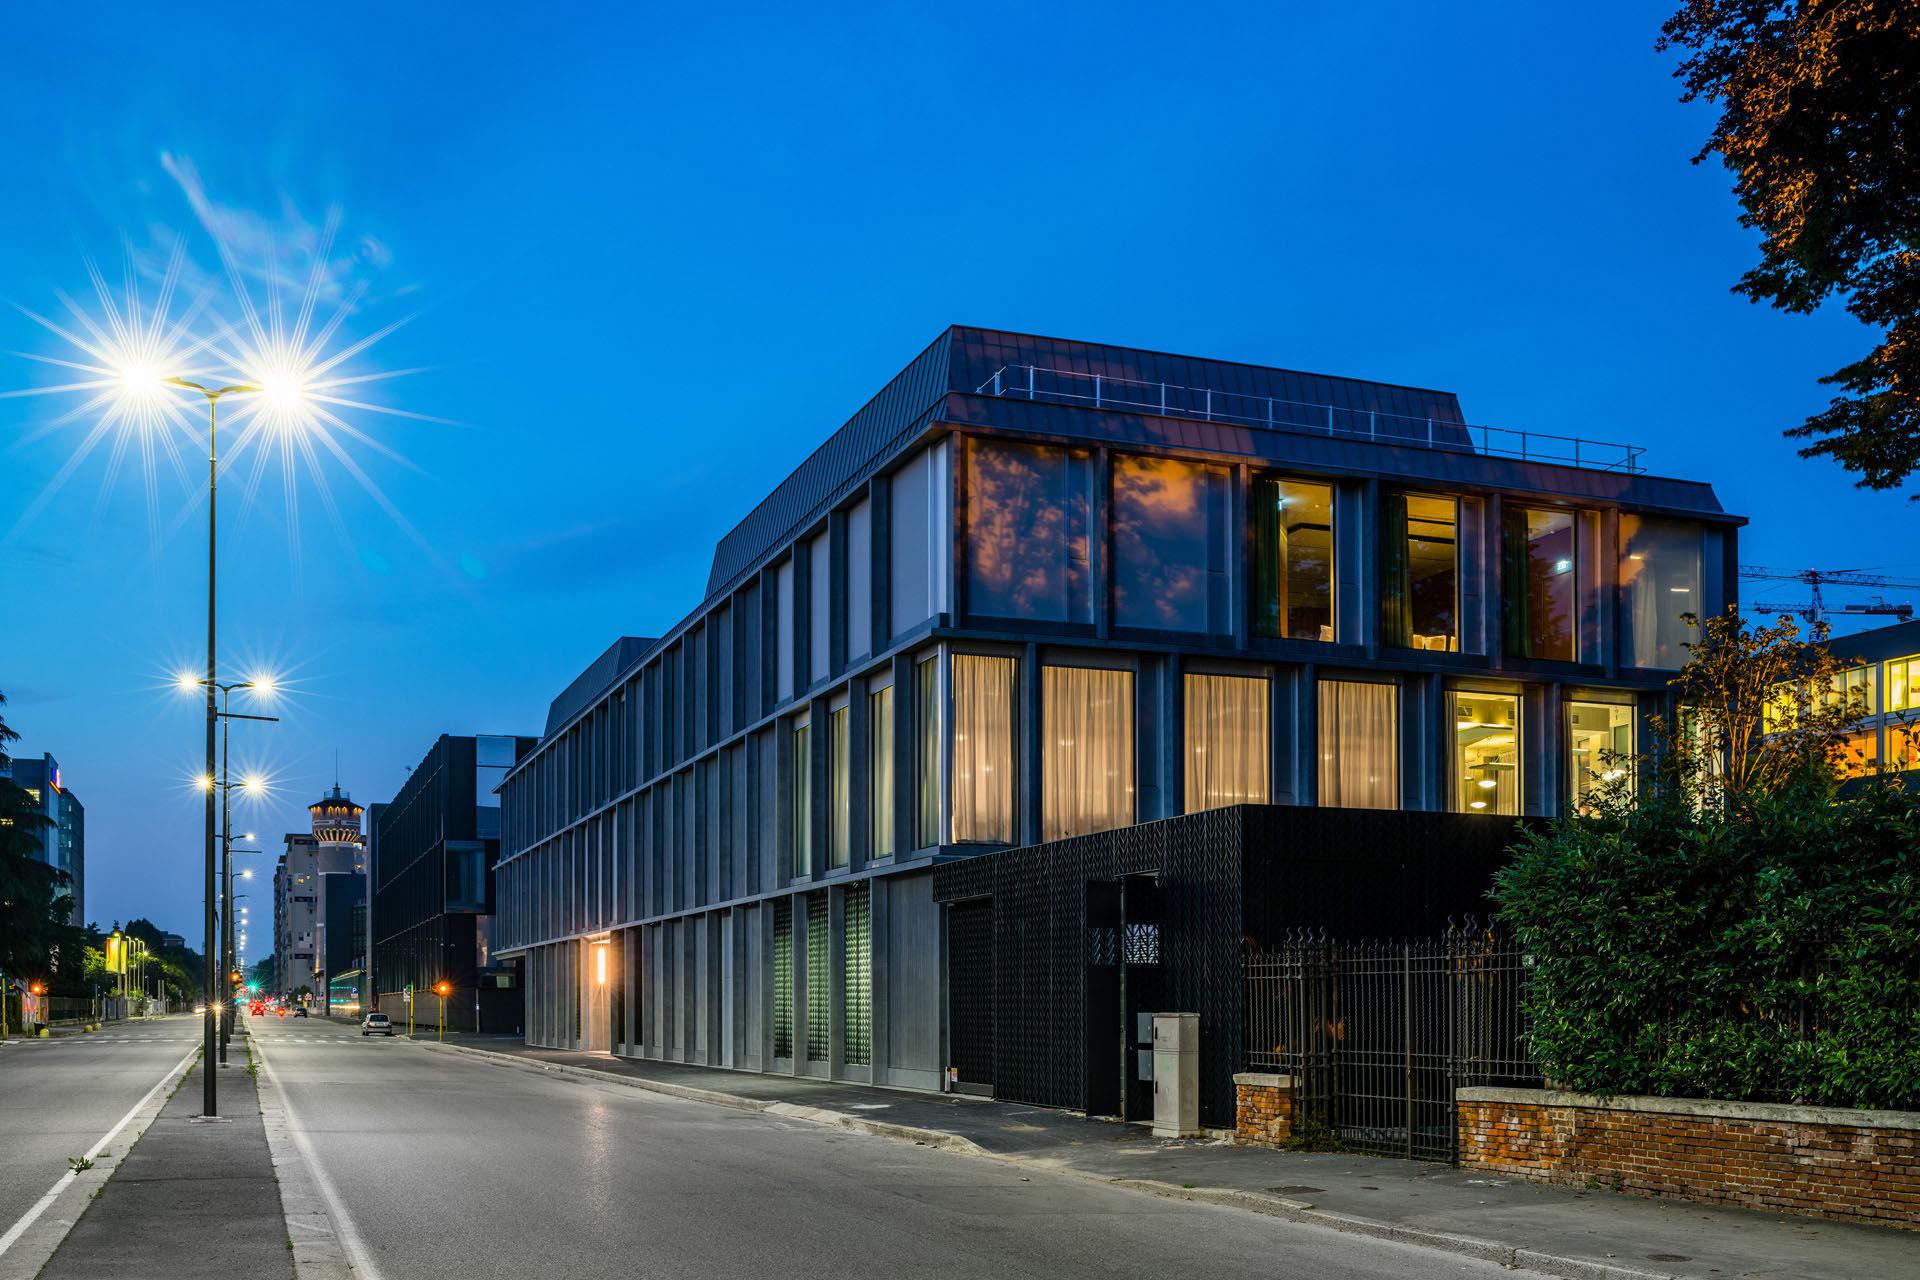 Nuovo edificio uffici Pirelli - image 3